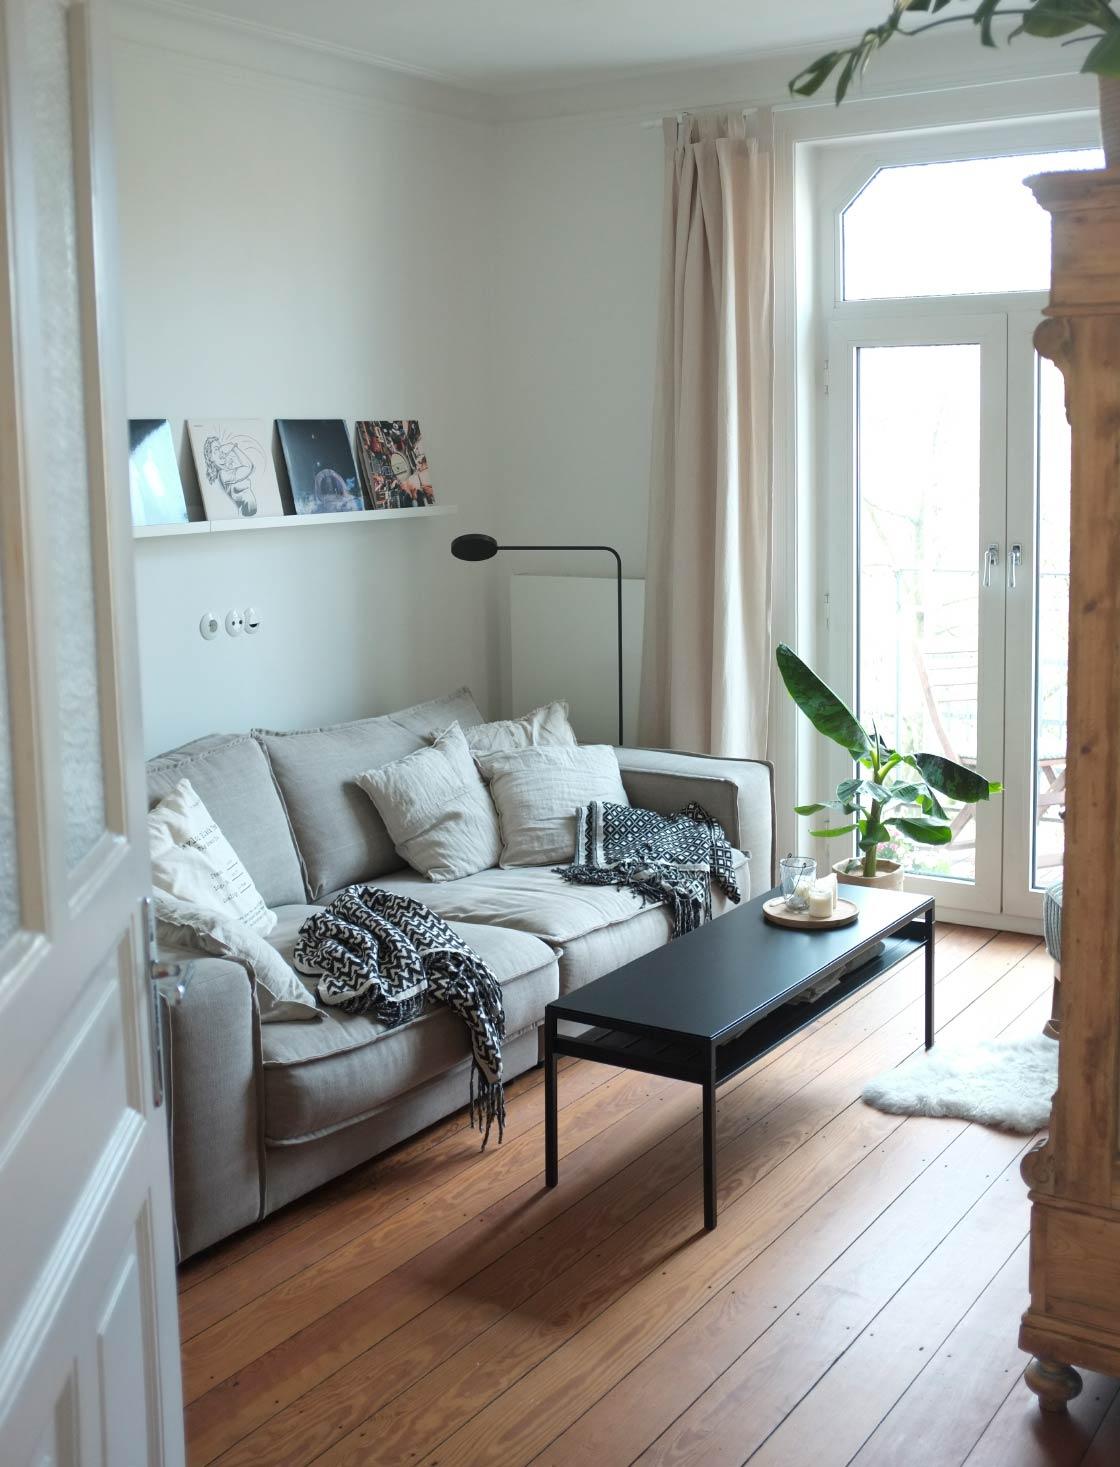 Full Size of Graues Sofa Welche Wandfarbe Graue Couch Kissen Teppich Farbe Kombinieren Weisser Kissenfarbe Dekoration Brauner Der Allrounder Fr Dein Zuhause Wohnklamotte Sofa Graues Sofa